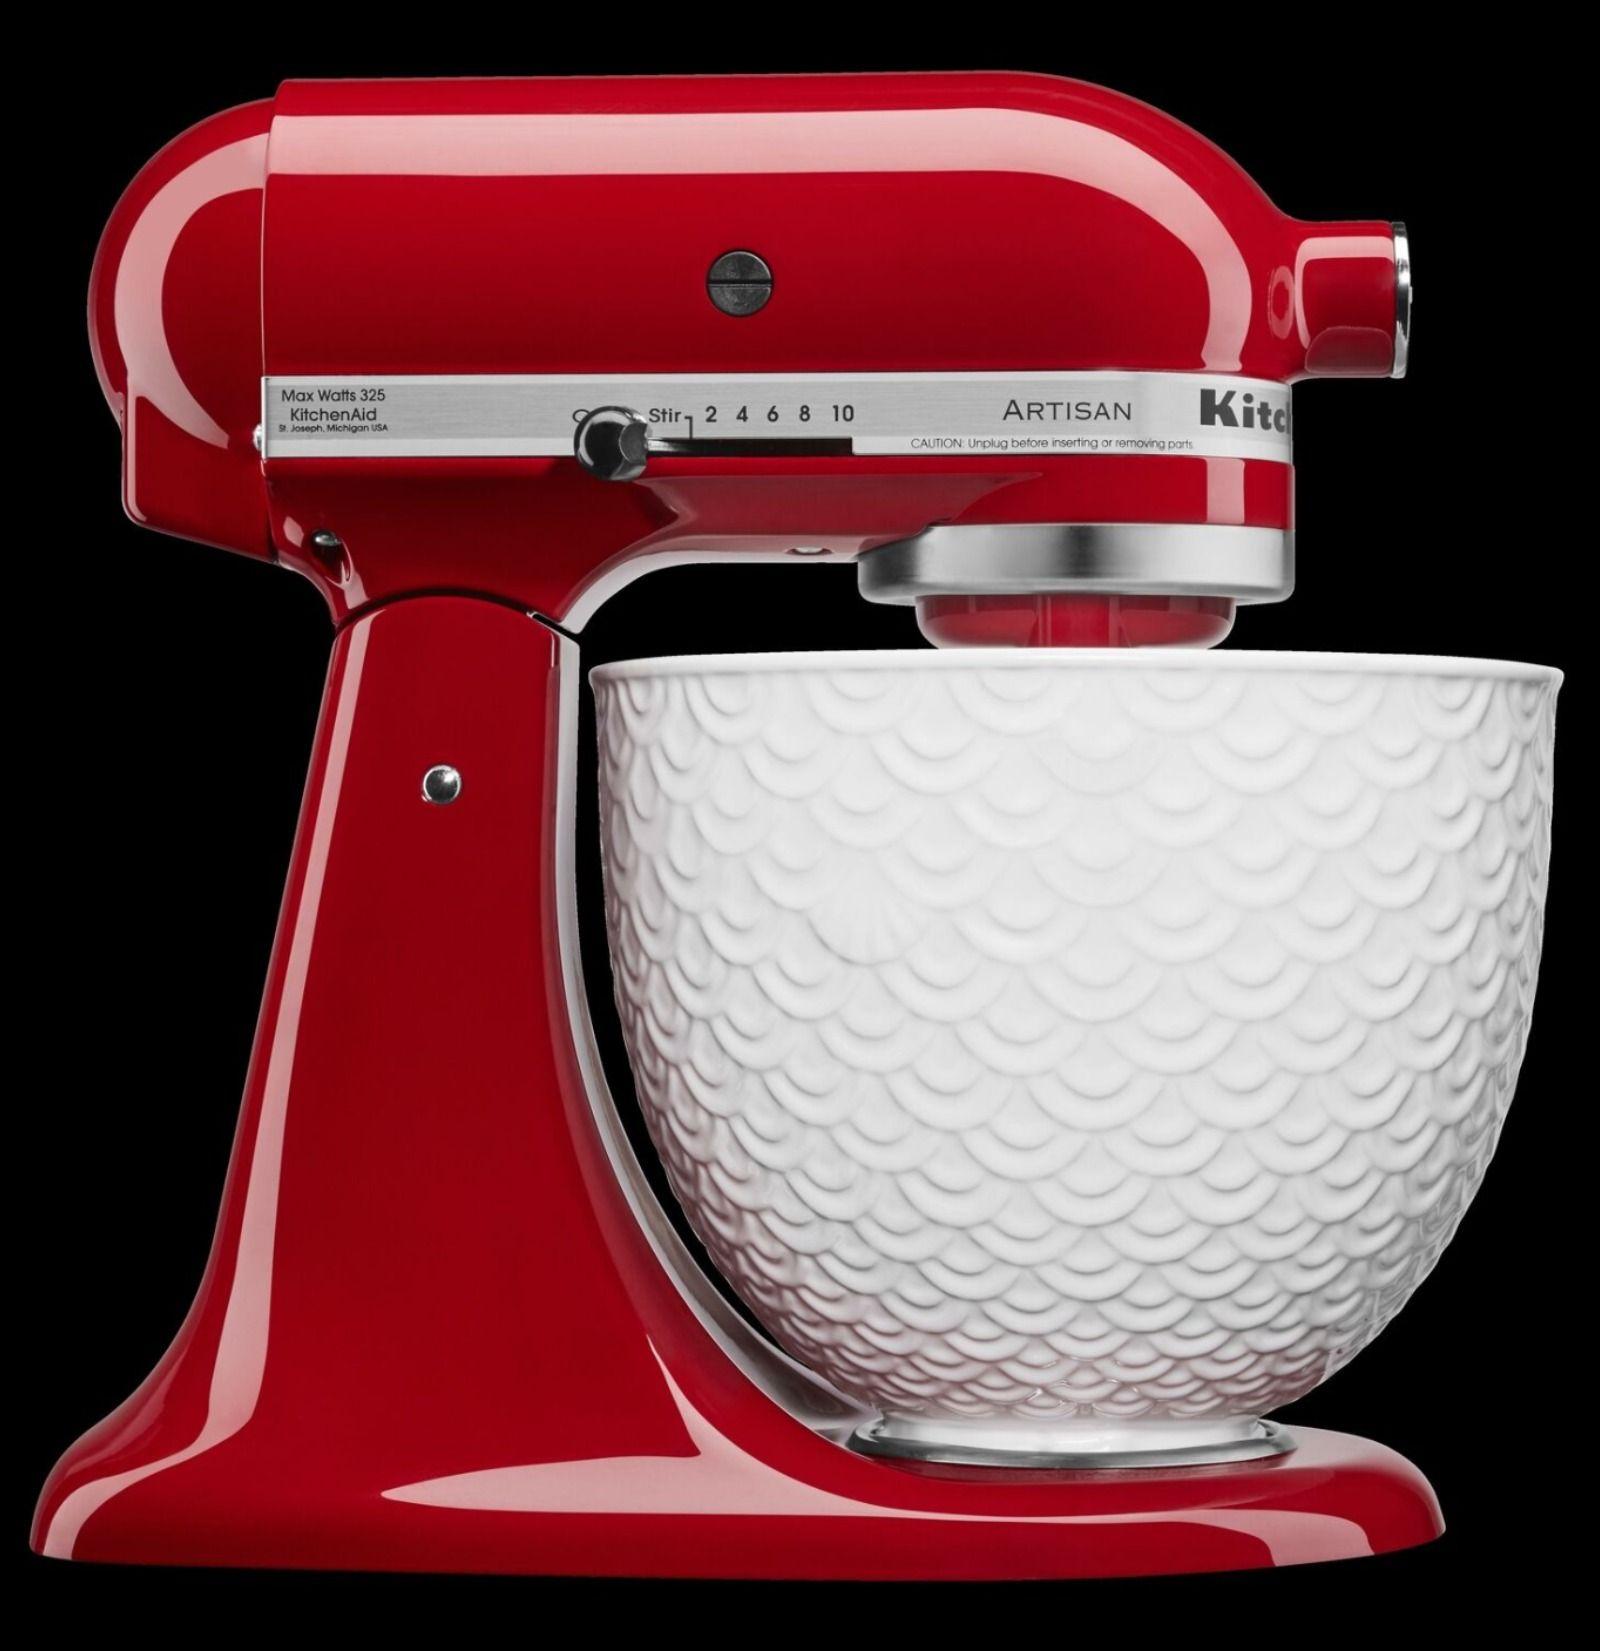 Kitchenaid artisan series tilthead stand mixer with white